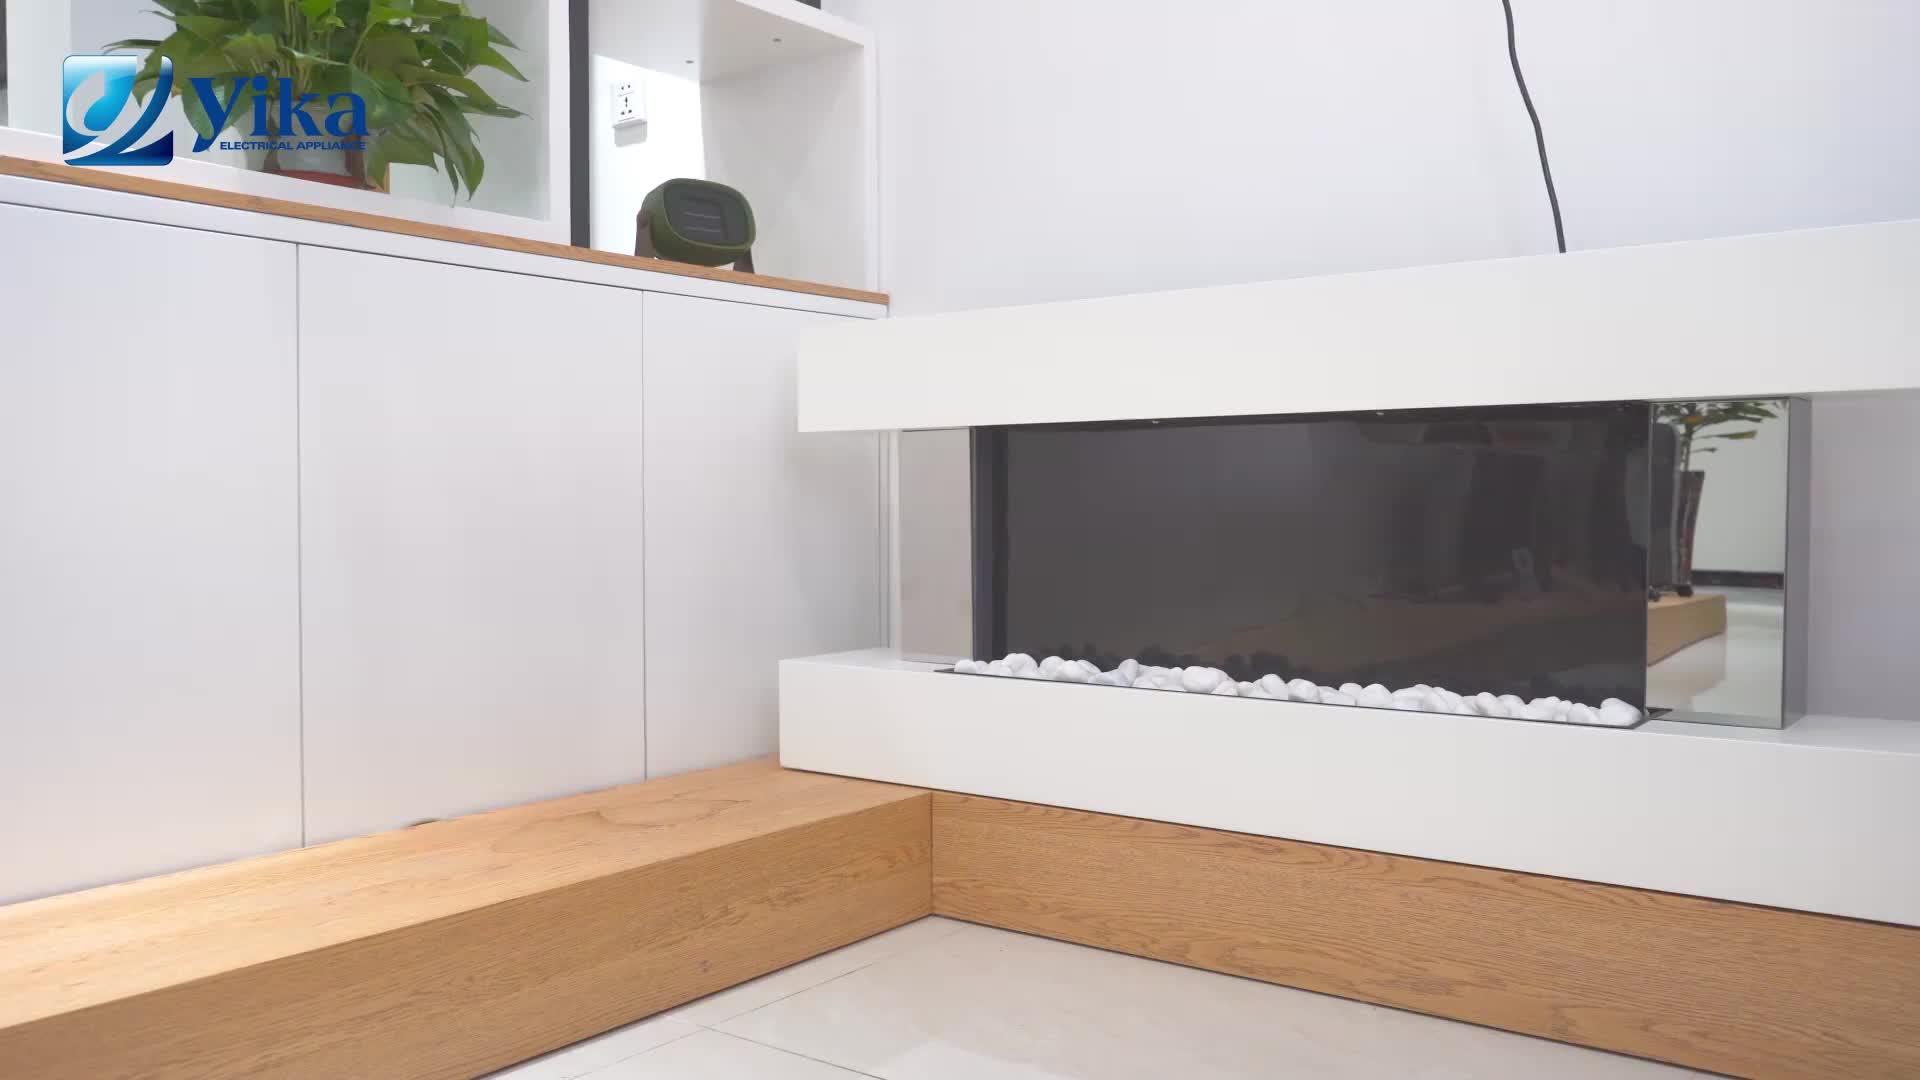 최고의 품질 장식 불꽃 전기 벽난로 히터 전기 벽난로를 탑재